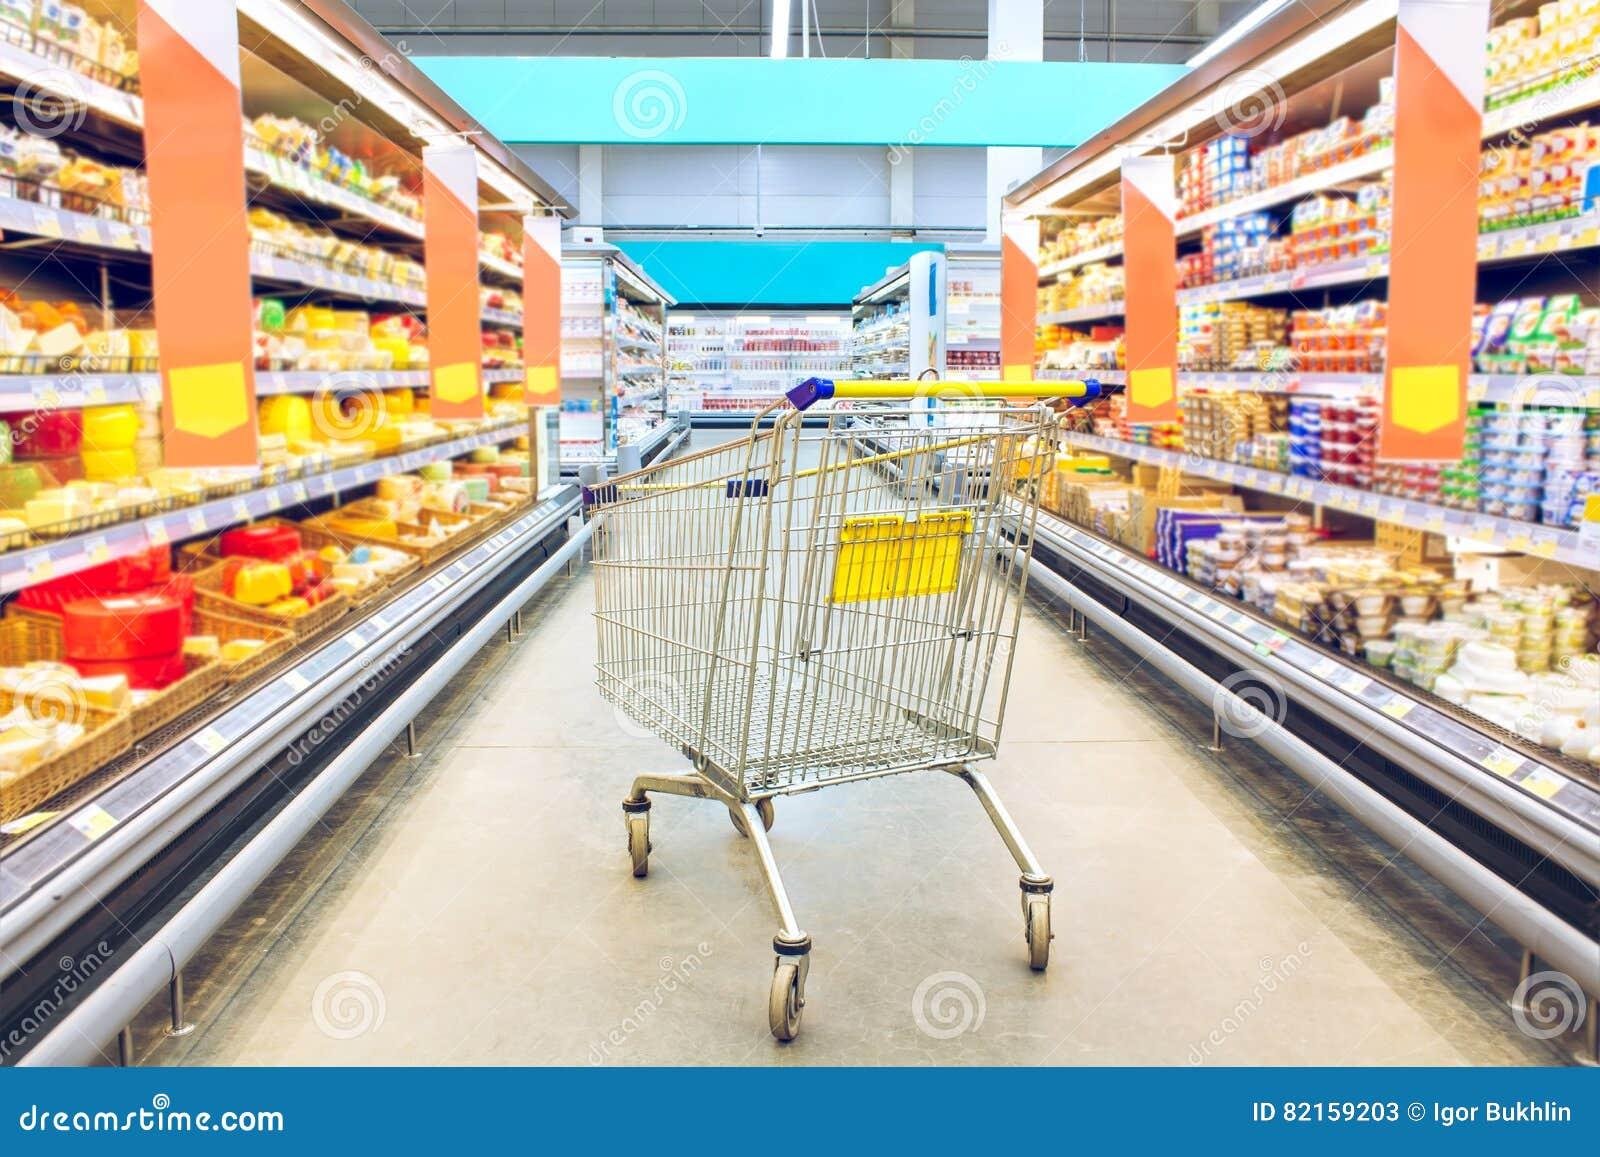 Chariot à l épicerie Supermarché intérieur, chariot vide à achats Idées et commerce de détail d affaires